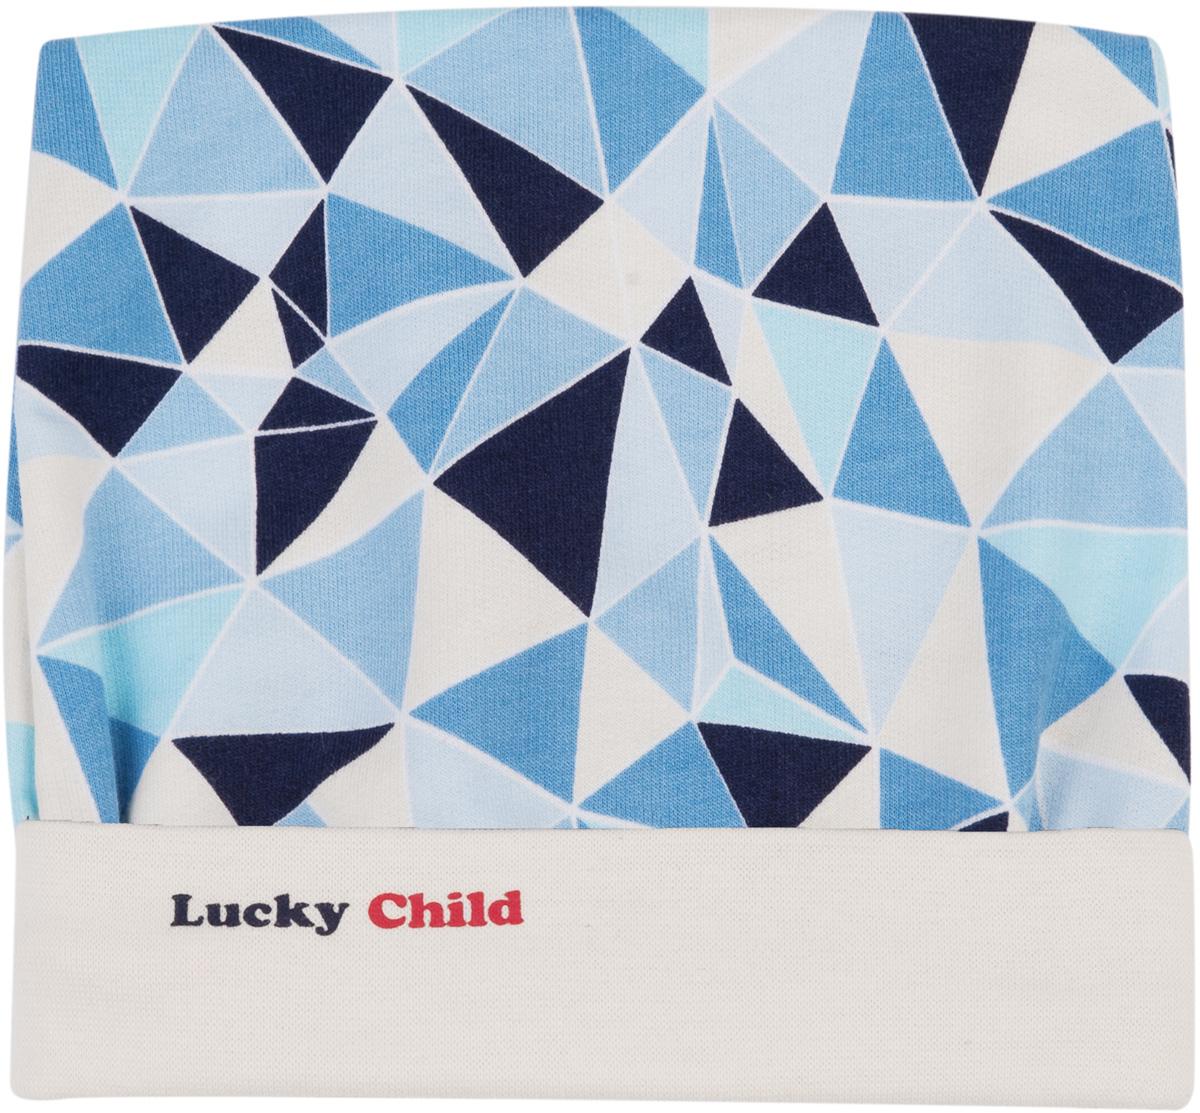 Шапочка для мальчика Lucky Child, цвет: голубой, синий. 32-9. Размер 4032-9Шапочка выполнена из мягкого интерлока высшего качества, благодаря этому она будет держать форму и не выцветать. Резиночки этой модели хорошо прилегают к личику малыша и обеспечивают защиту ушек от ветра и холода.